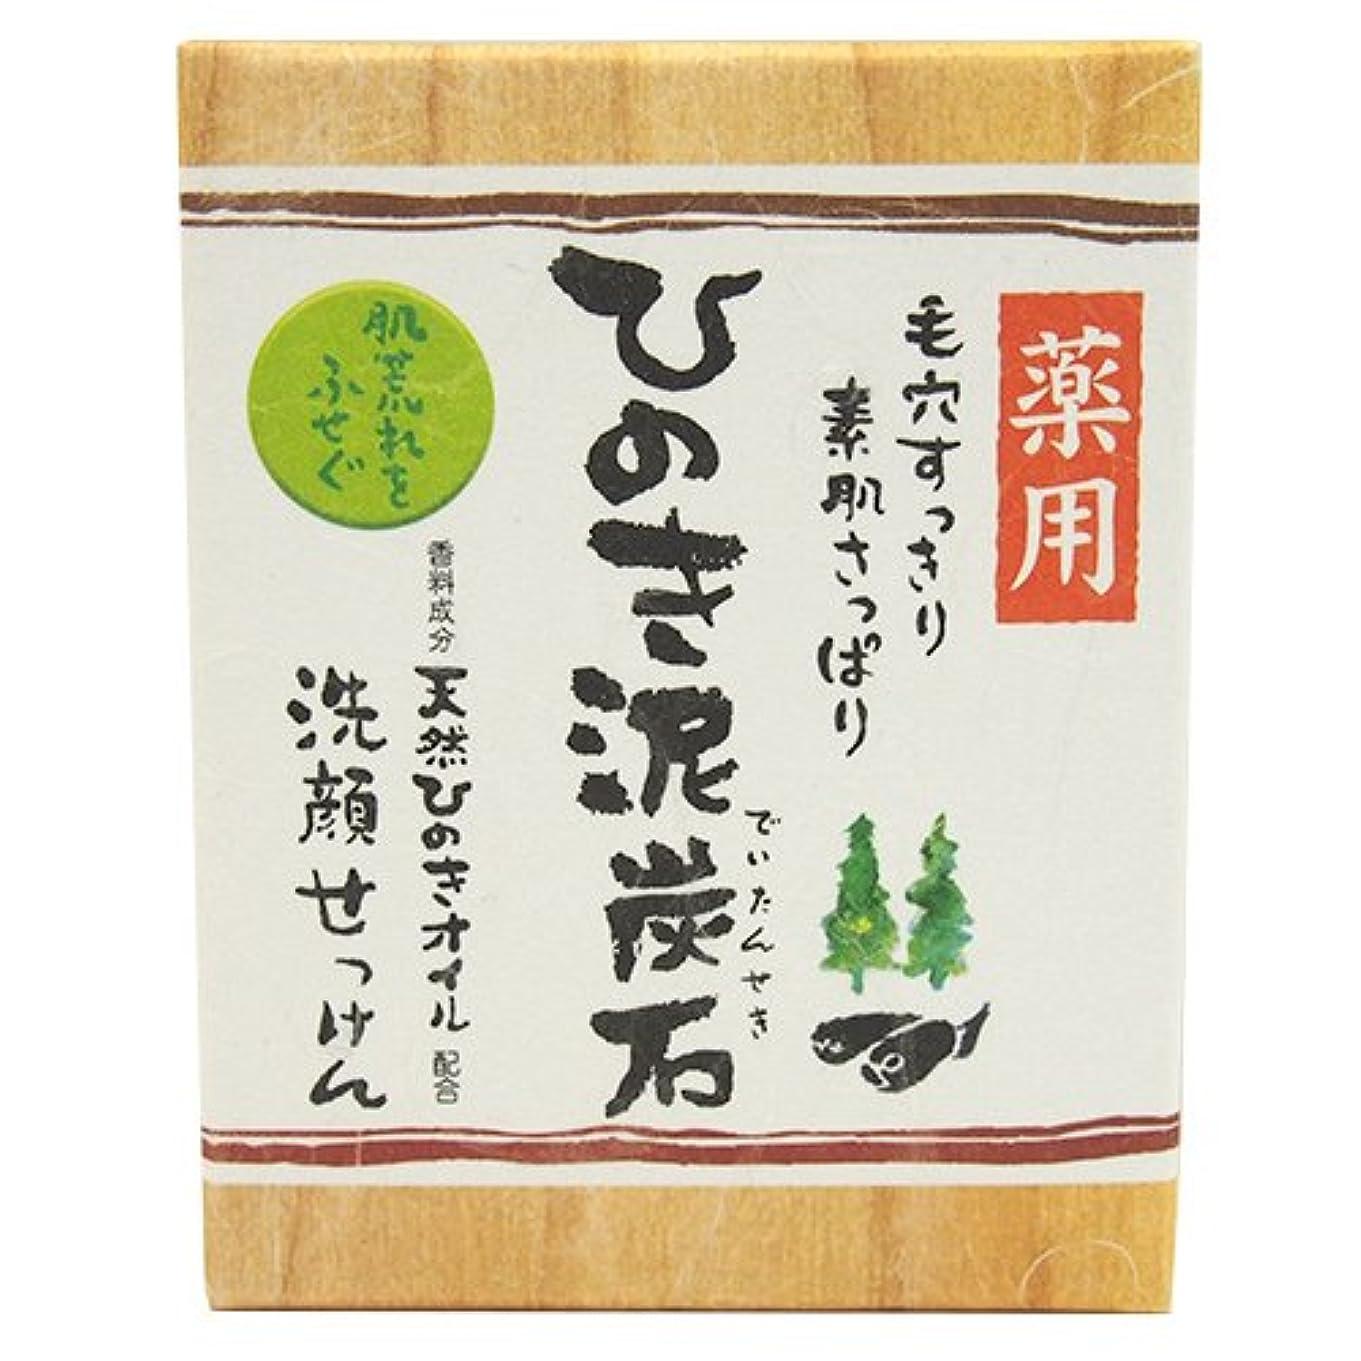 マトリックス地上でラリー東京宝 薬用ひのき泥炭石 すっきり黒タイプ 洗顔石鹸 75g